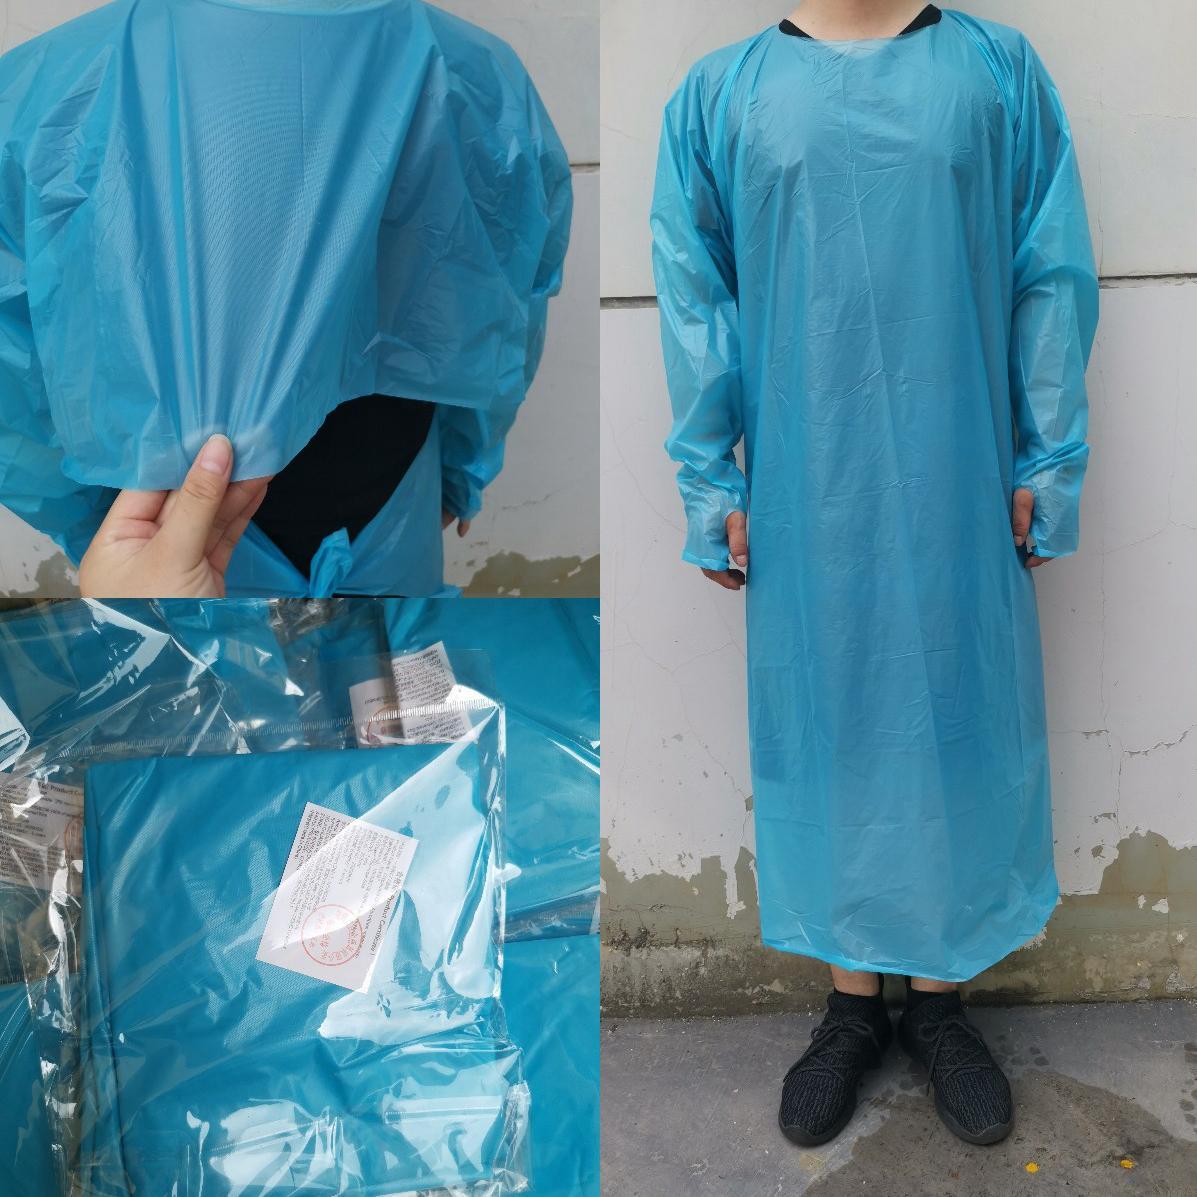 CPE Schutzkleidung Einweg-Isolation Kleider Kleidung Anzüge Elastische Manschetten Antistaub Schürze Außen Einweg Regenmäntel CYZ2755